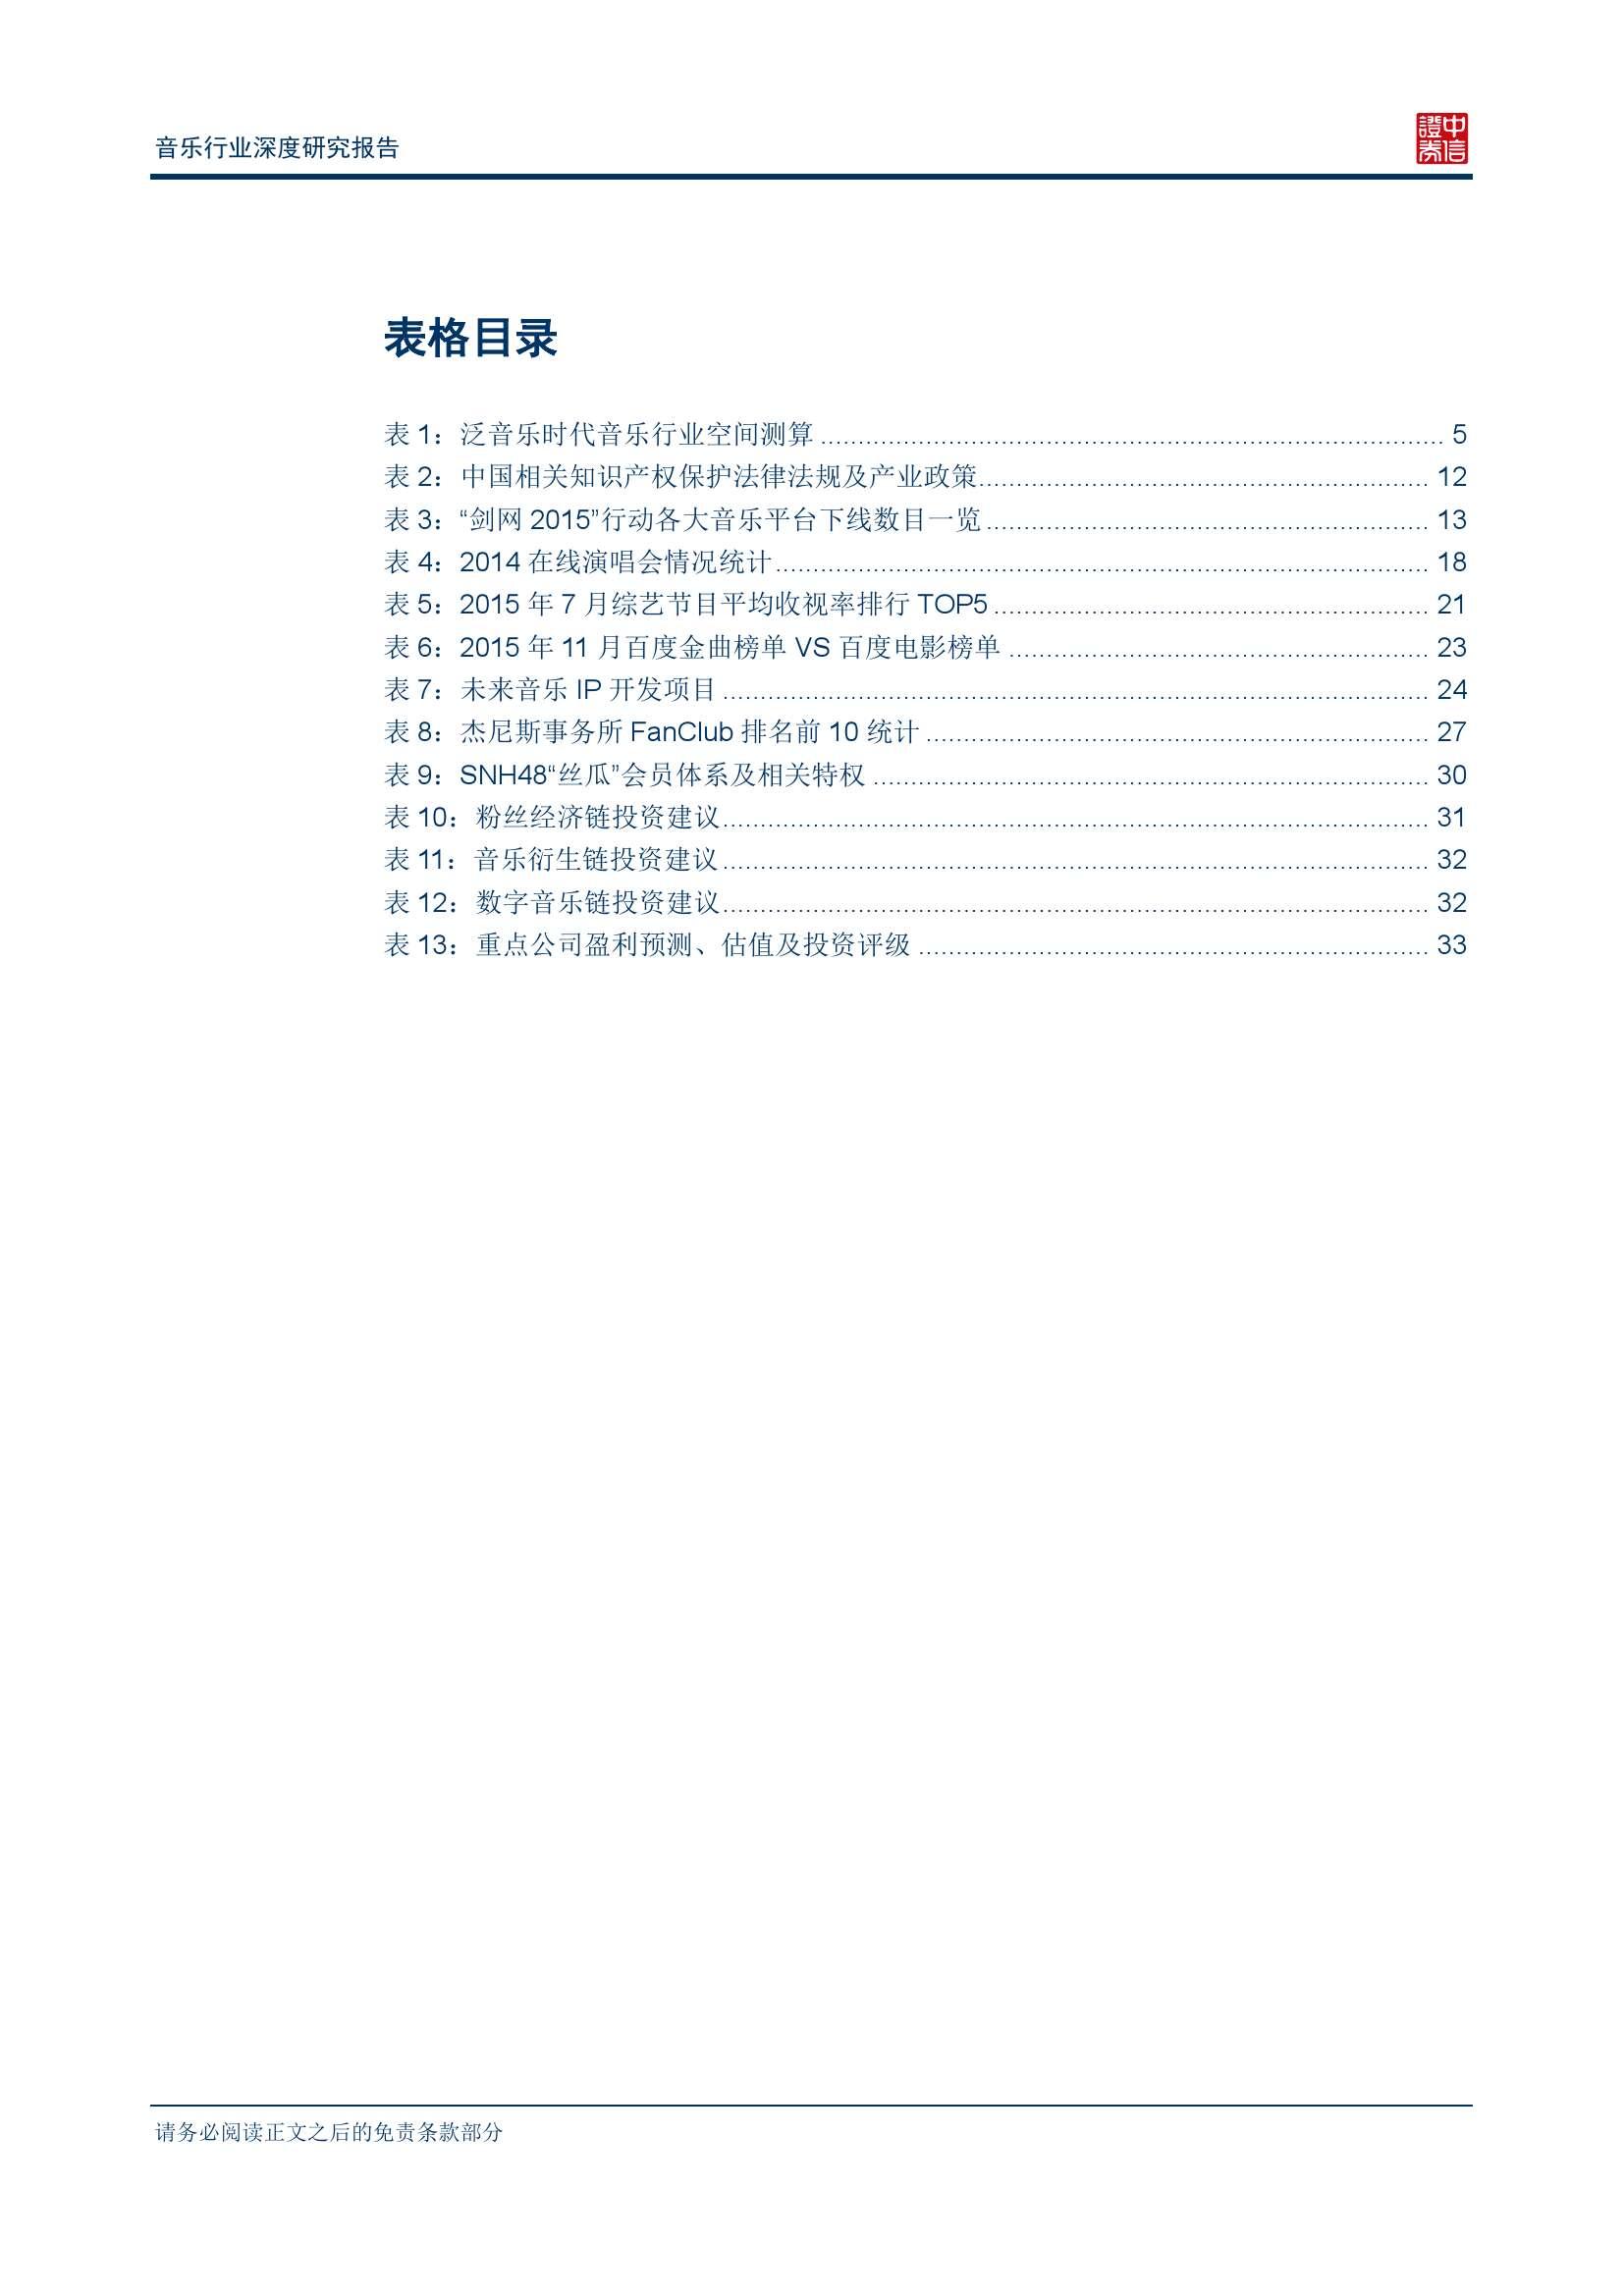 中信证券音乐行业深度研究报告_000005